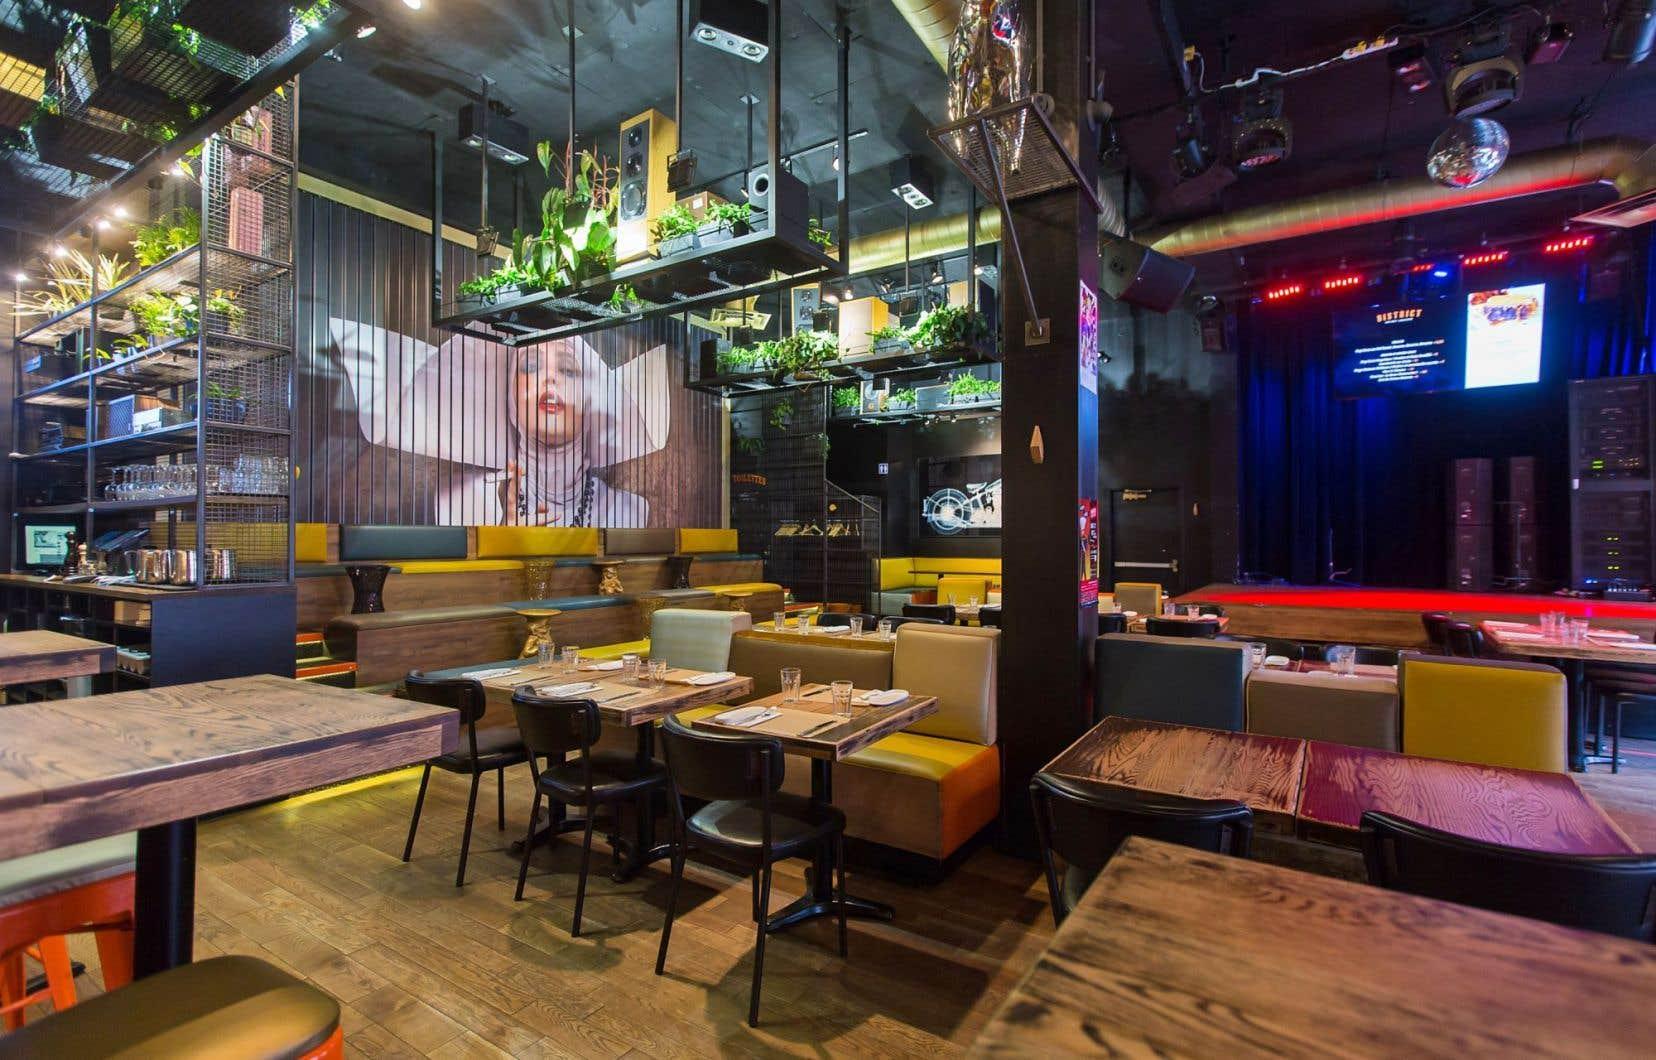 L'endroit s'affiche comme une antre joyeusement éclectique qui, outre sa fonction de restaurant, sert aussi à présenter des spectacles, conférences et événements de tout acabit.